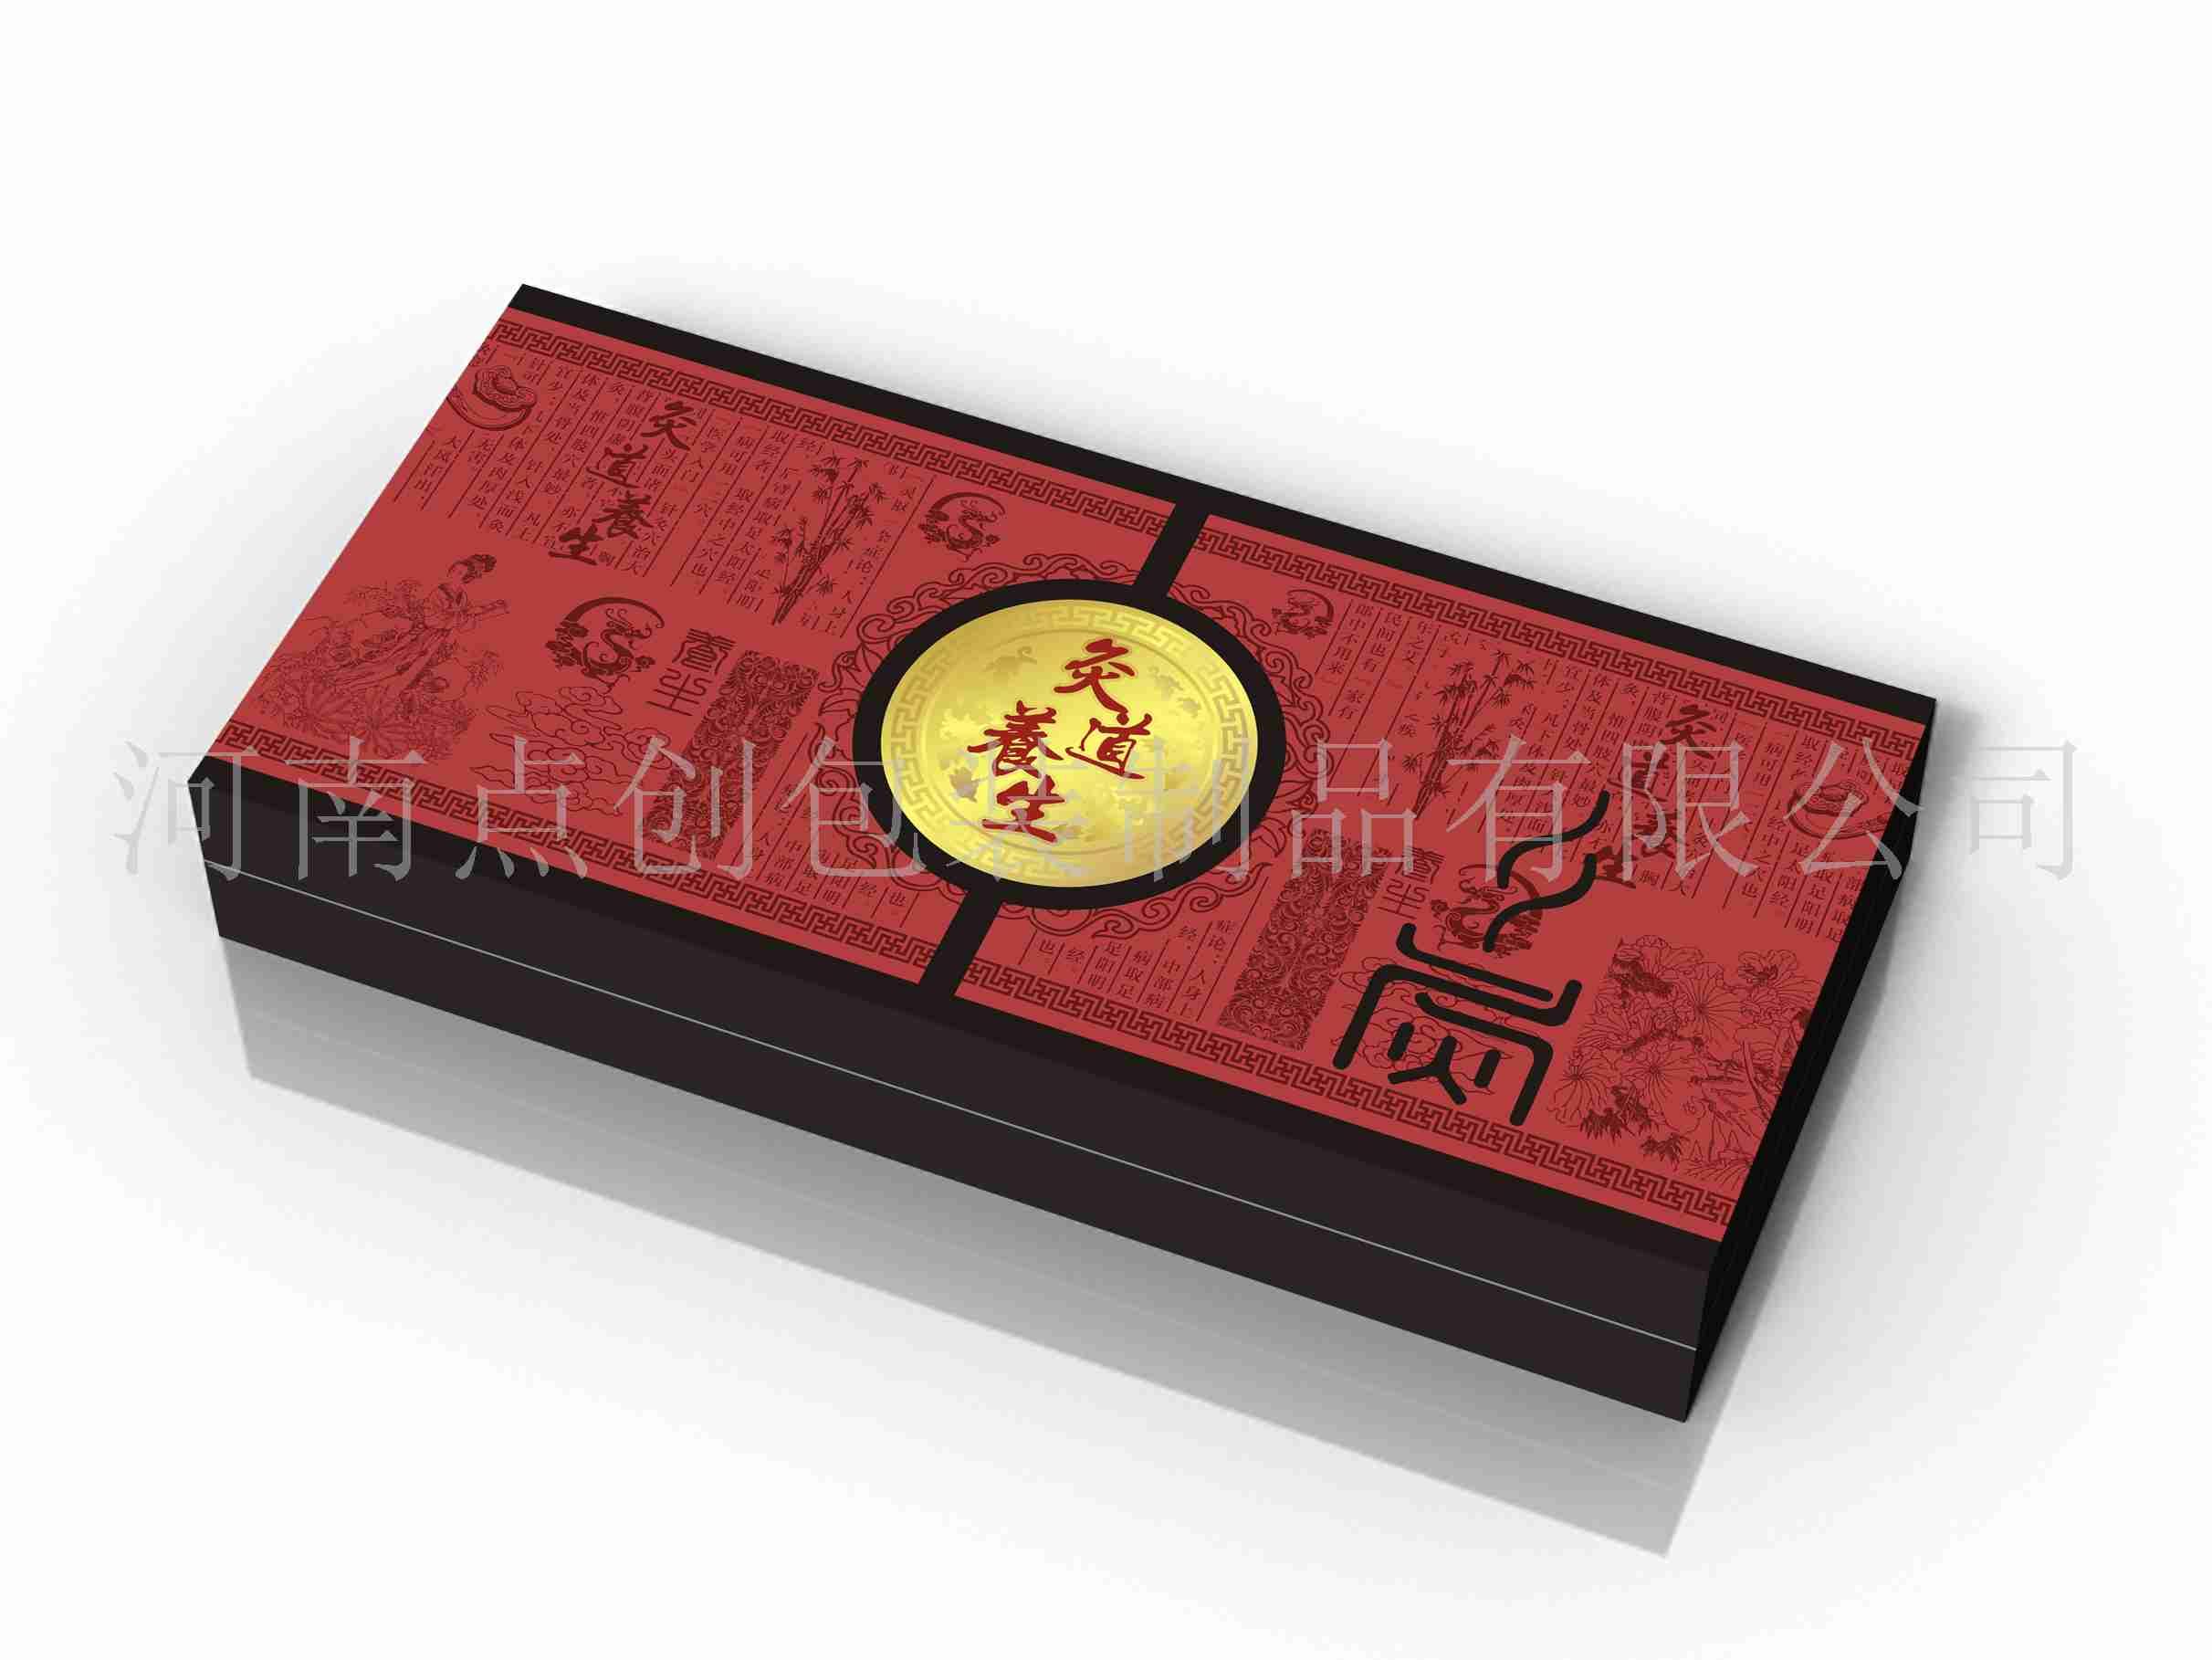 化妆品通用盒点创包装盒的作用 防晒套装盒子的制造材料有哪些